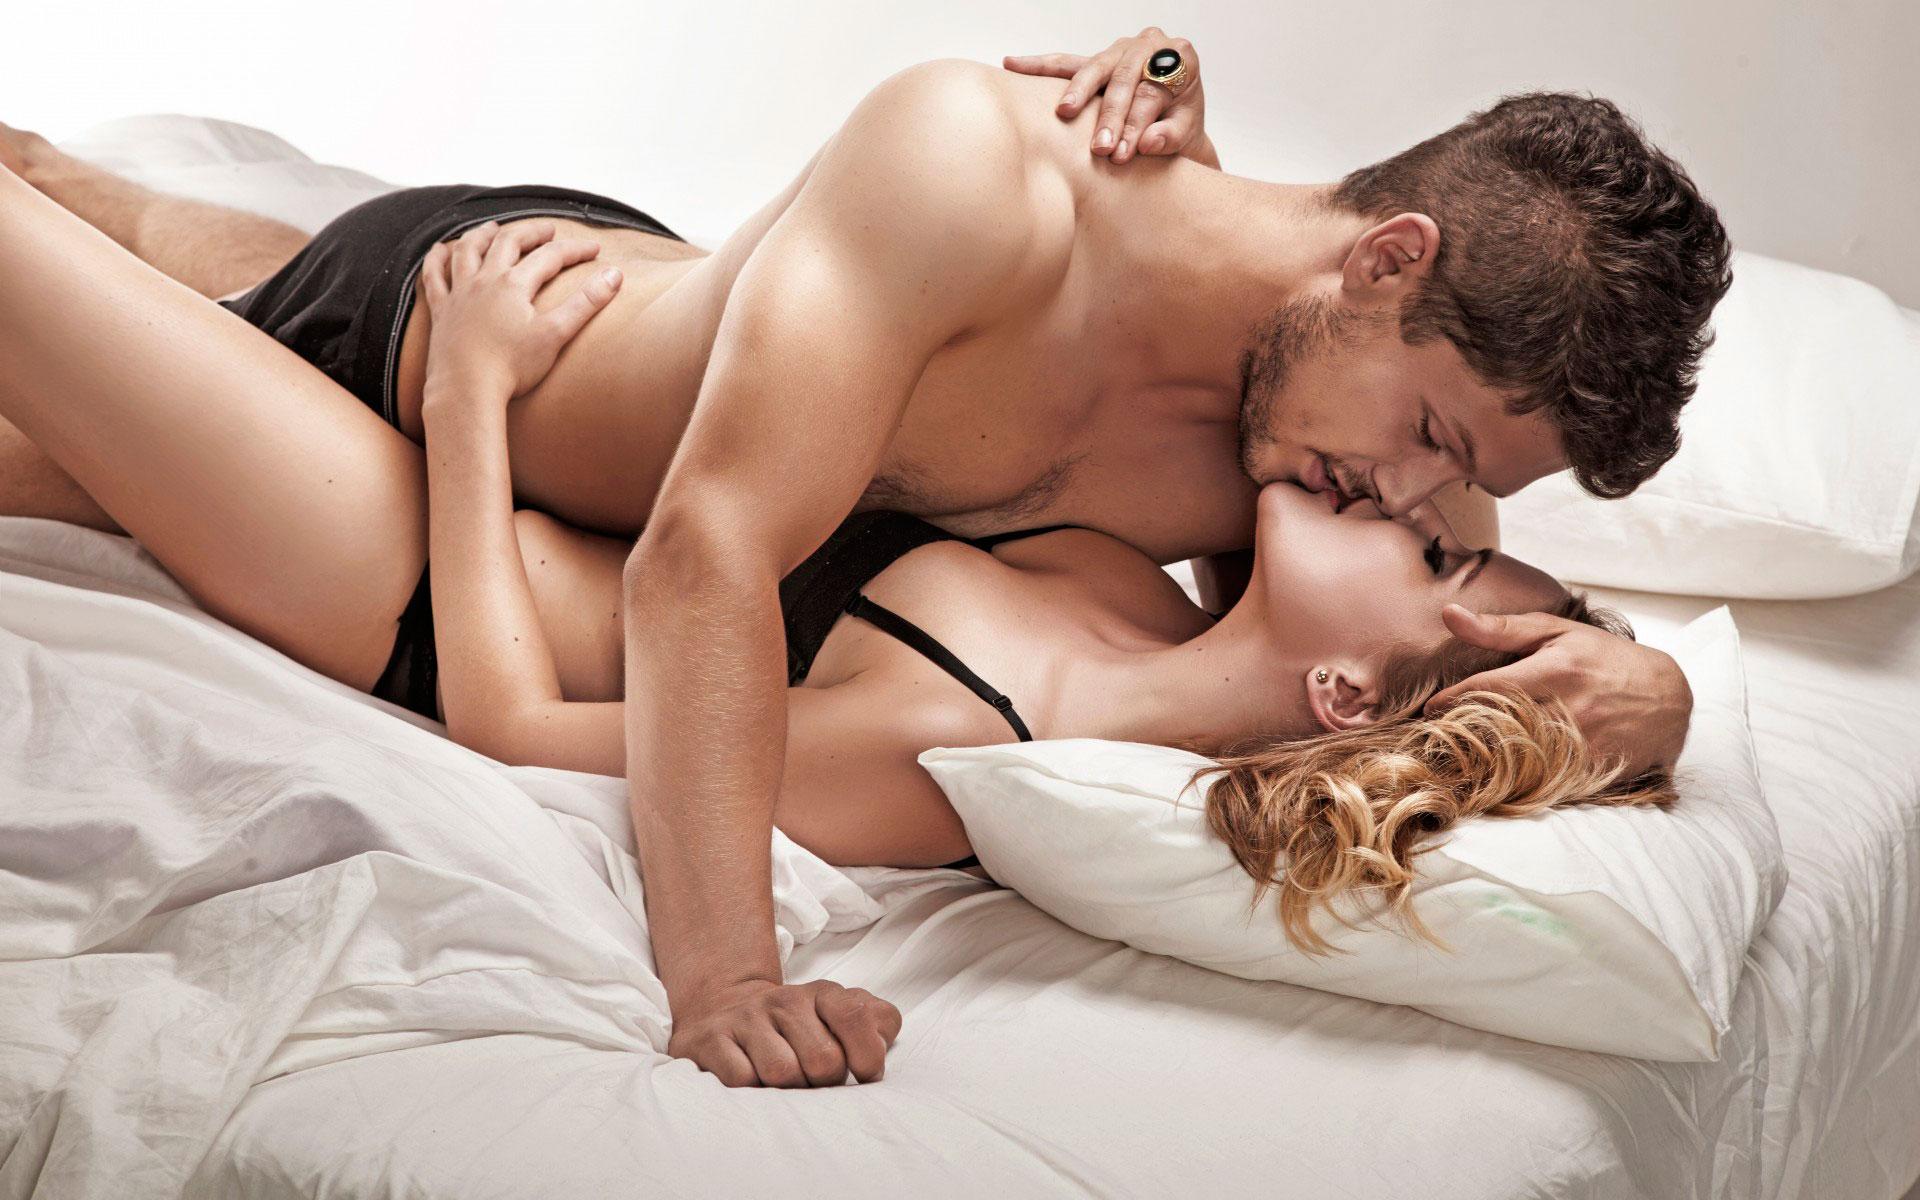 Как доставить сексуальное наслаждения мужчине видео фото 105-9